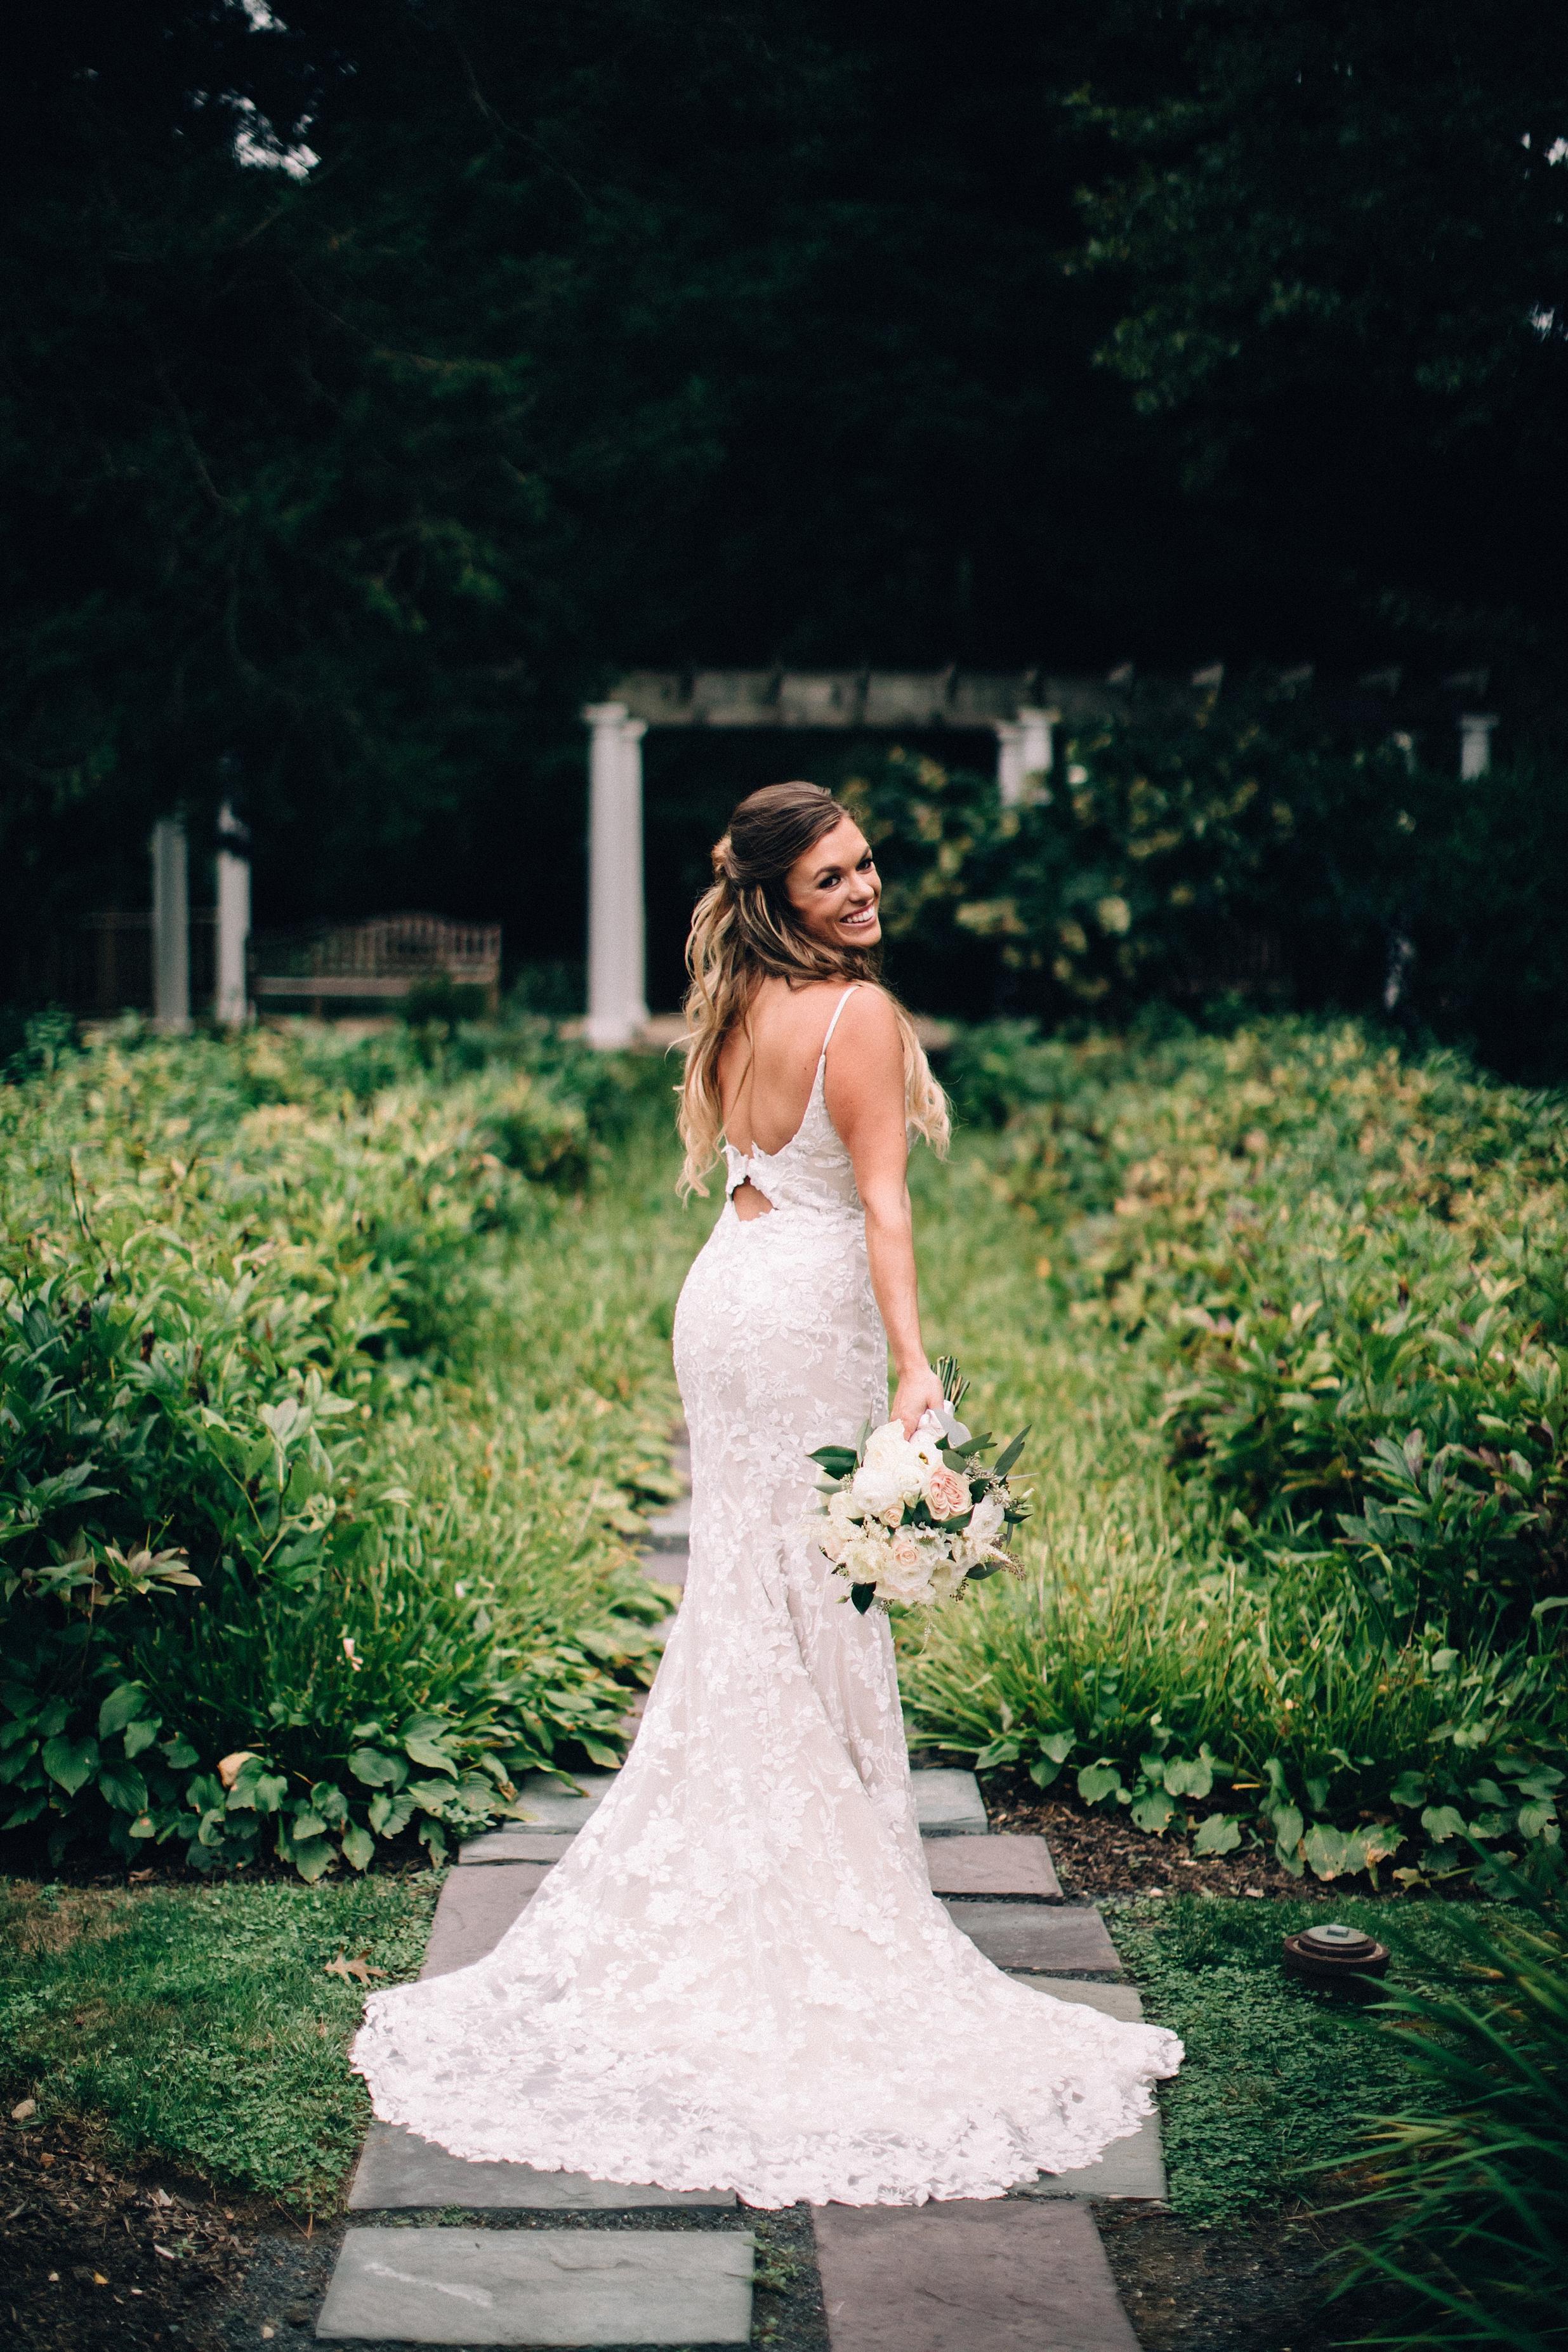 jersey-outdoor-ceremony-wedding-navasink-monmouth-rumson_0027.jpg